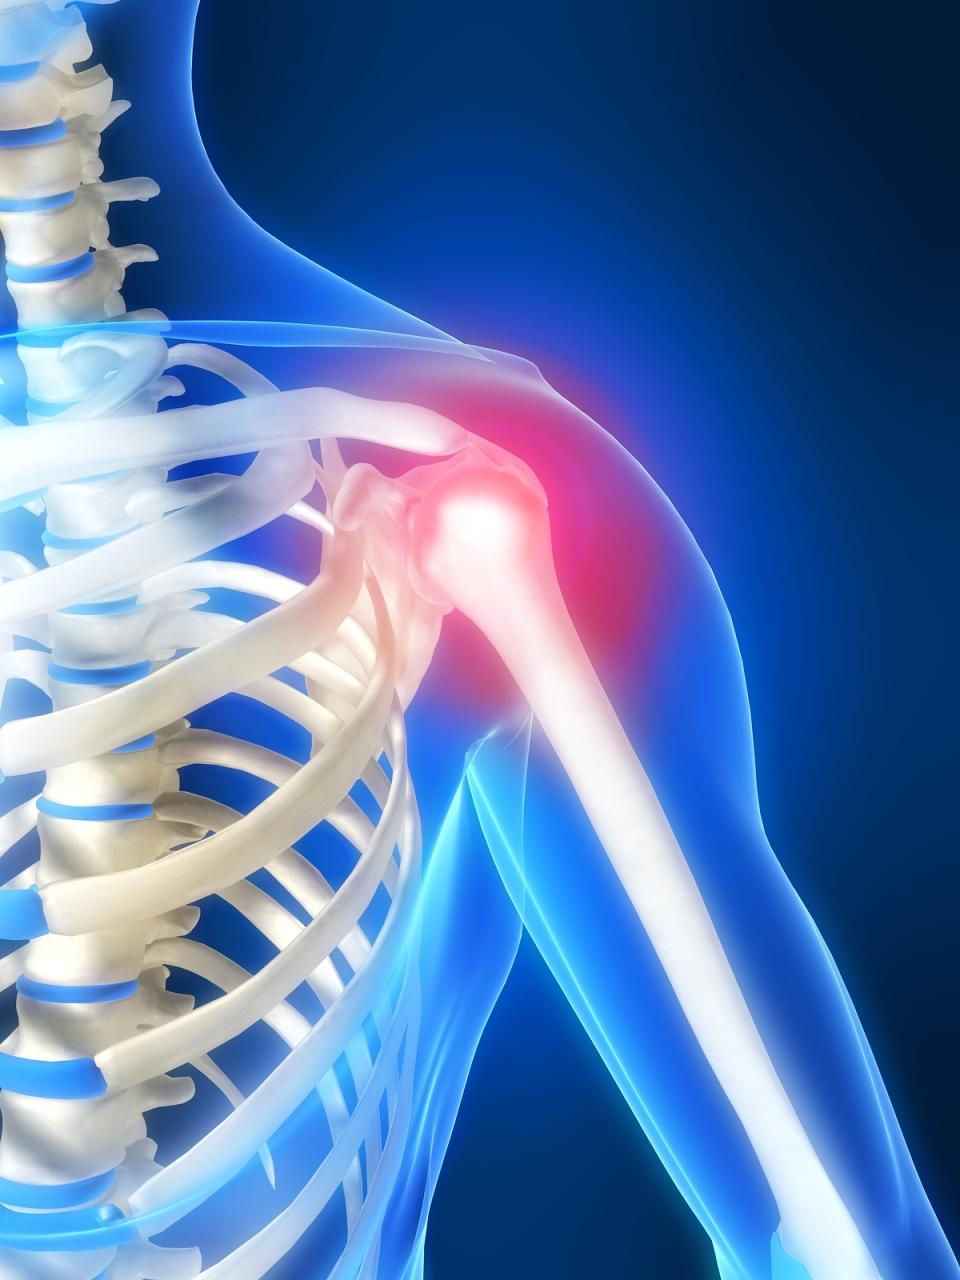 tepalas raumenų ir sąnarių eillie palengvinti